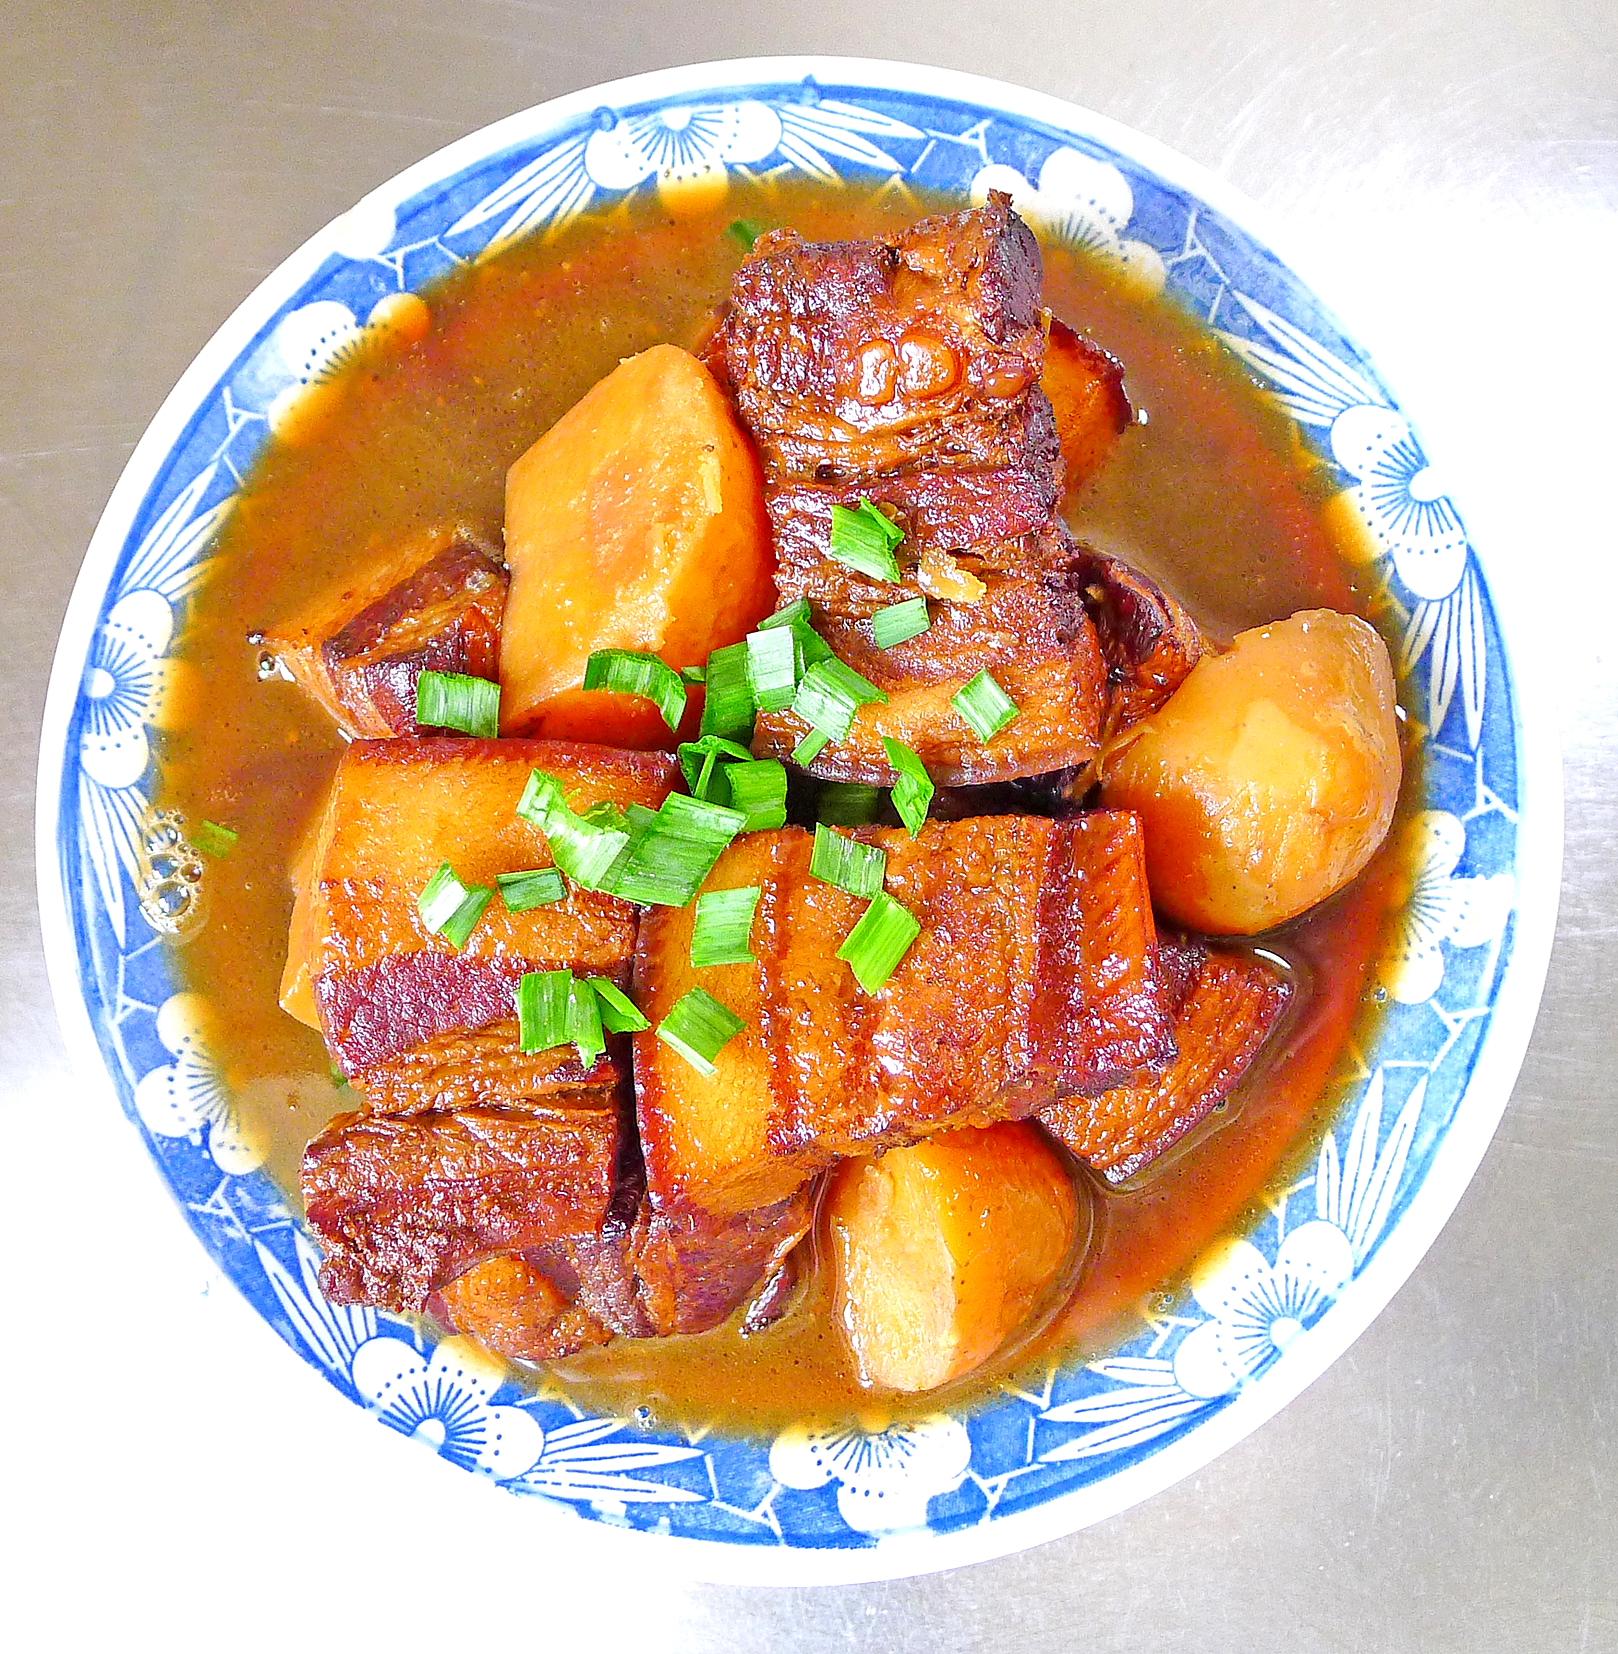 6红烧肉烧土豆P1340805.JPG